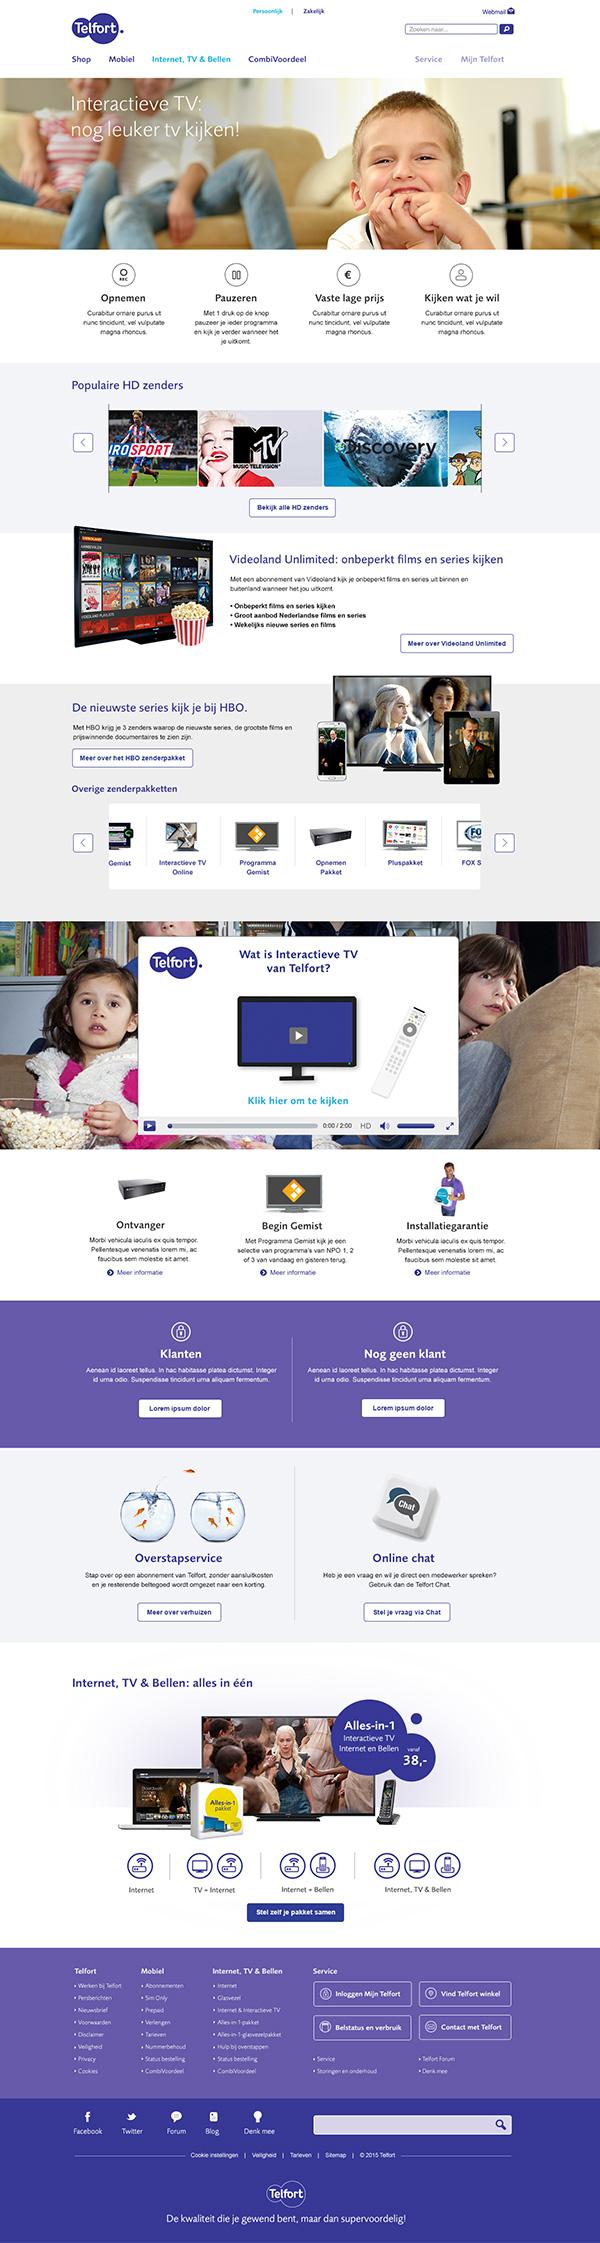 Afbeelding 3 van 4 - Telfort webshop pagina's re-design - Interactieve TV van Telfort